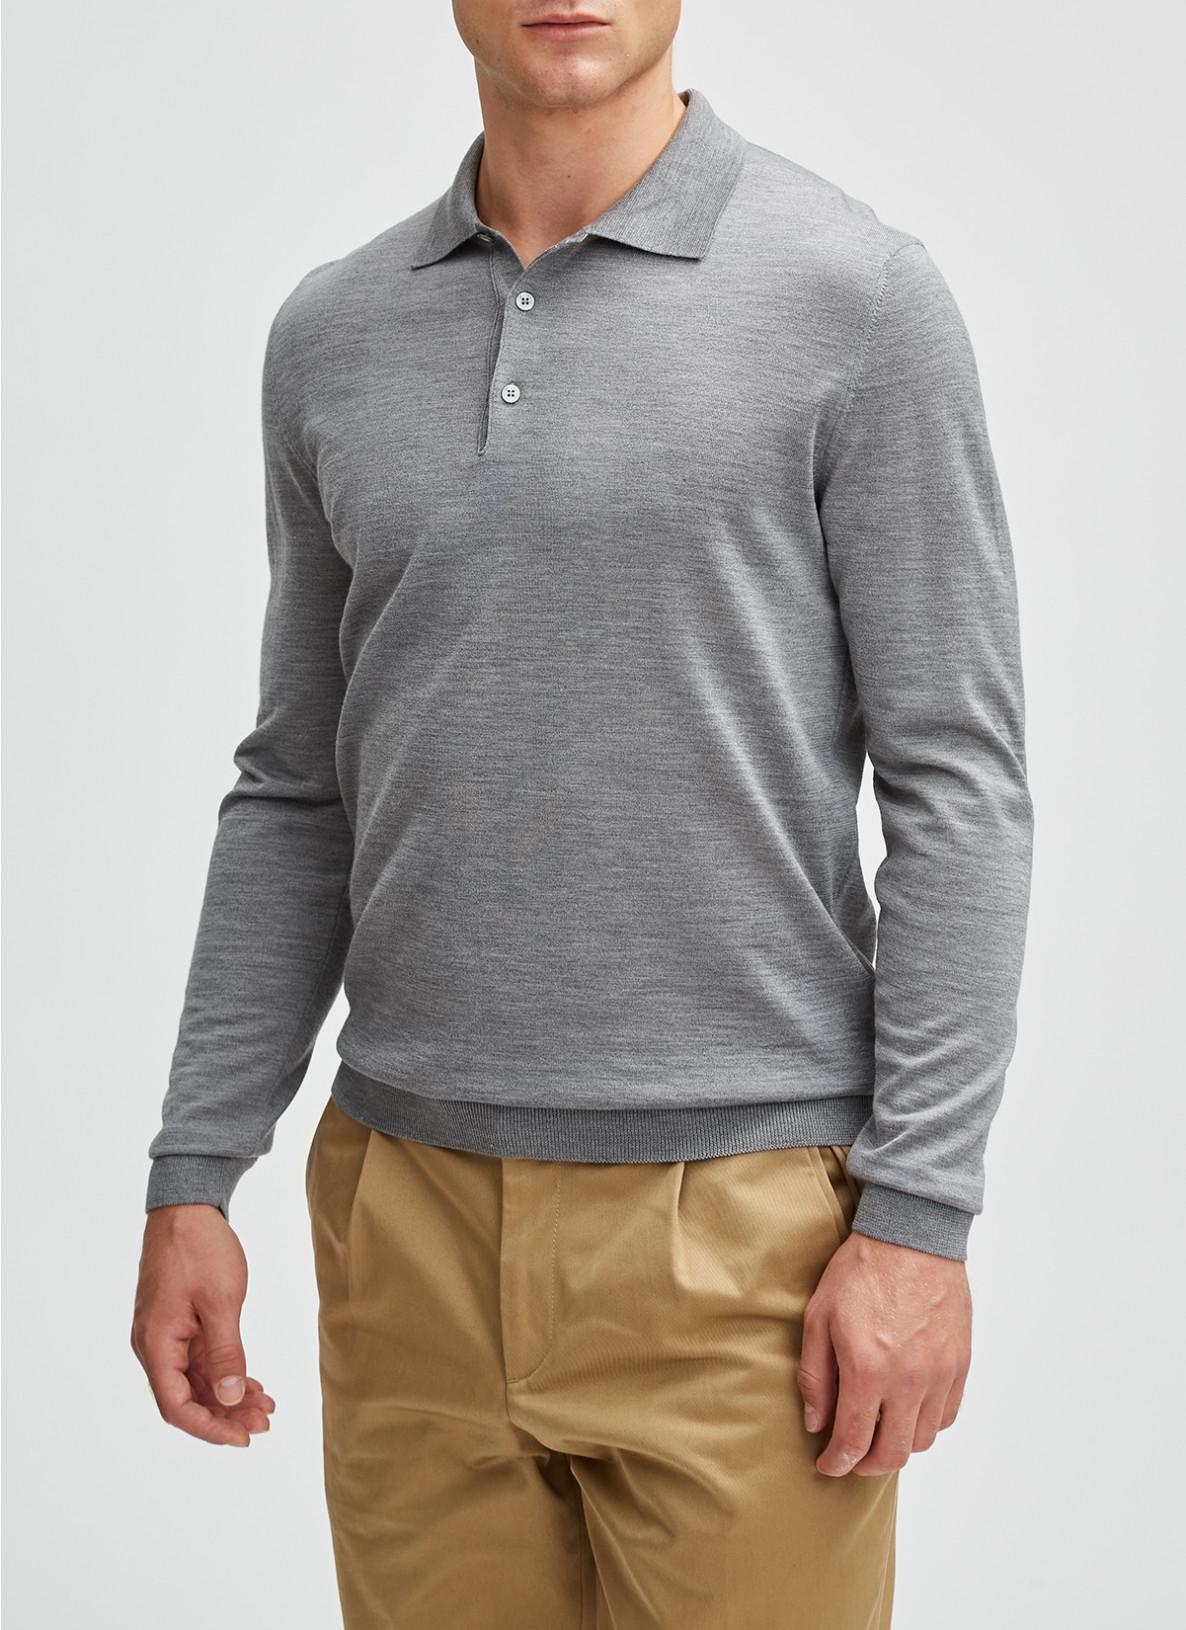 Pullover Polokragen, Knopf 1/1 Arm, Mercury GreyDetailansicht 1